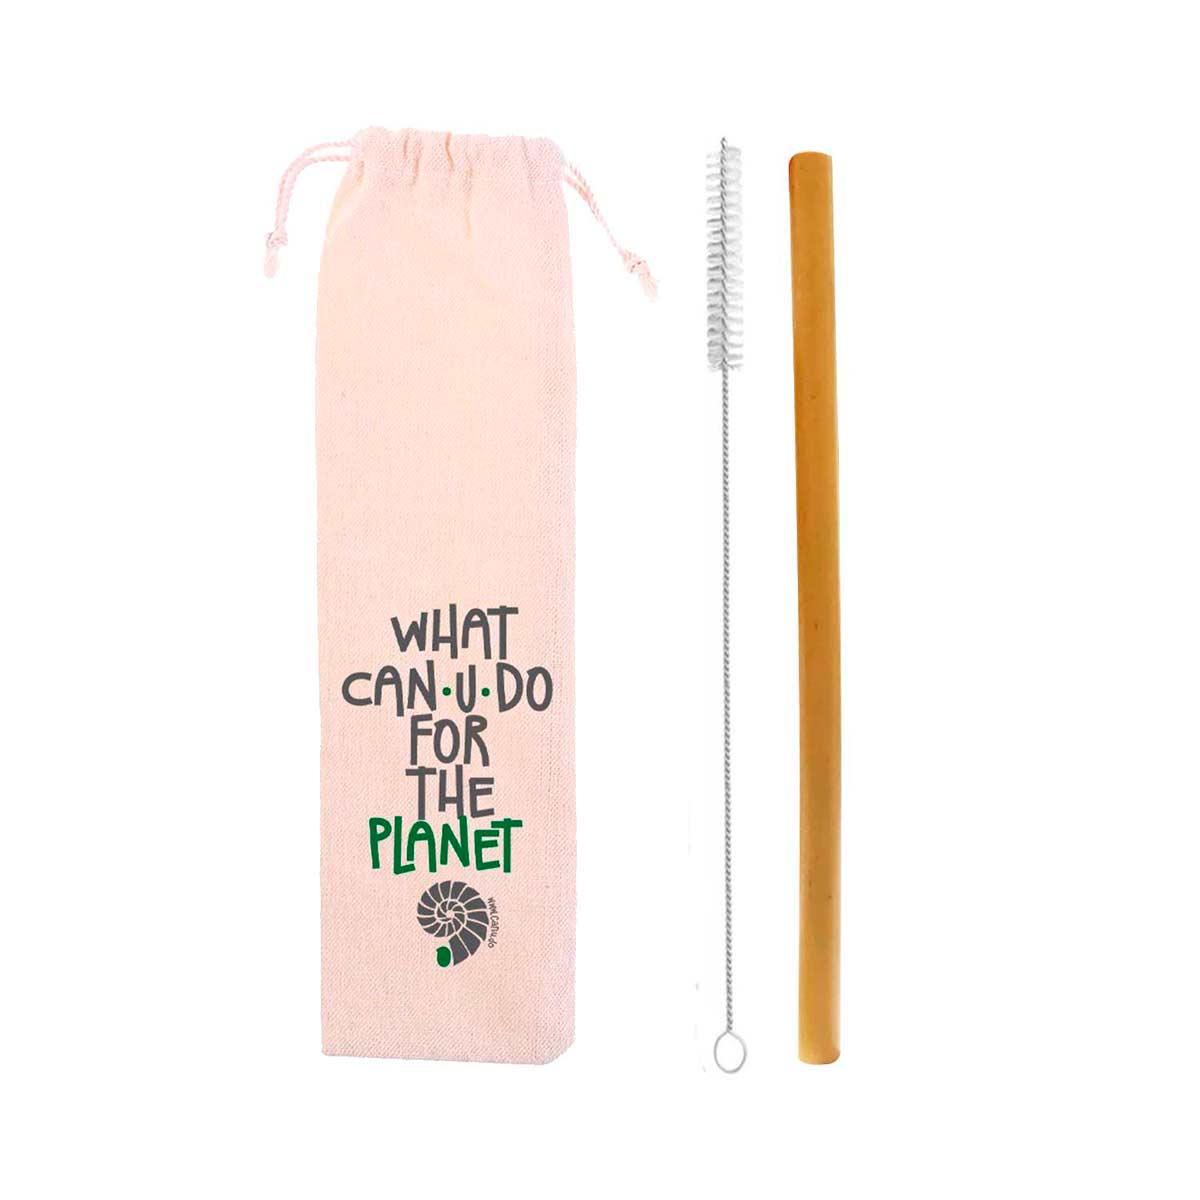 Canudo de Bambu + Escova + Ecobag